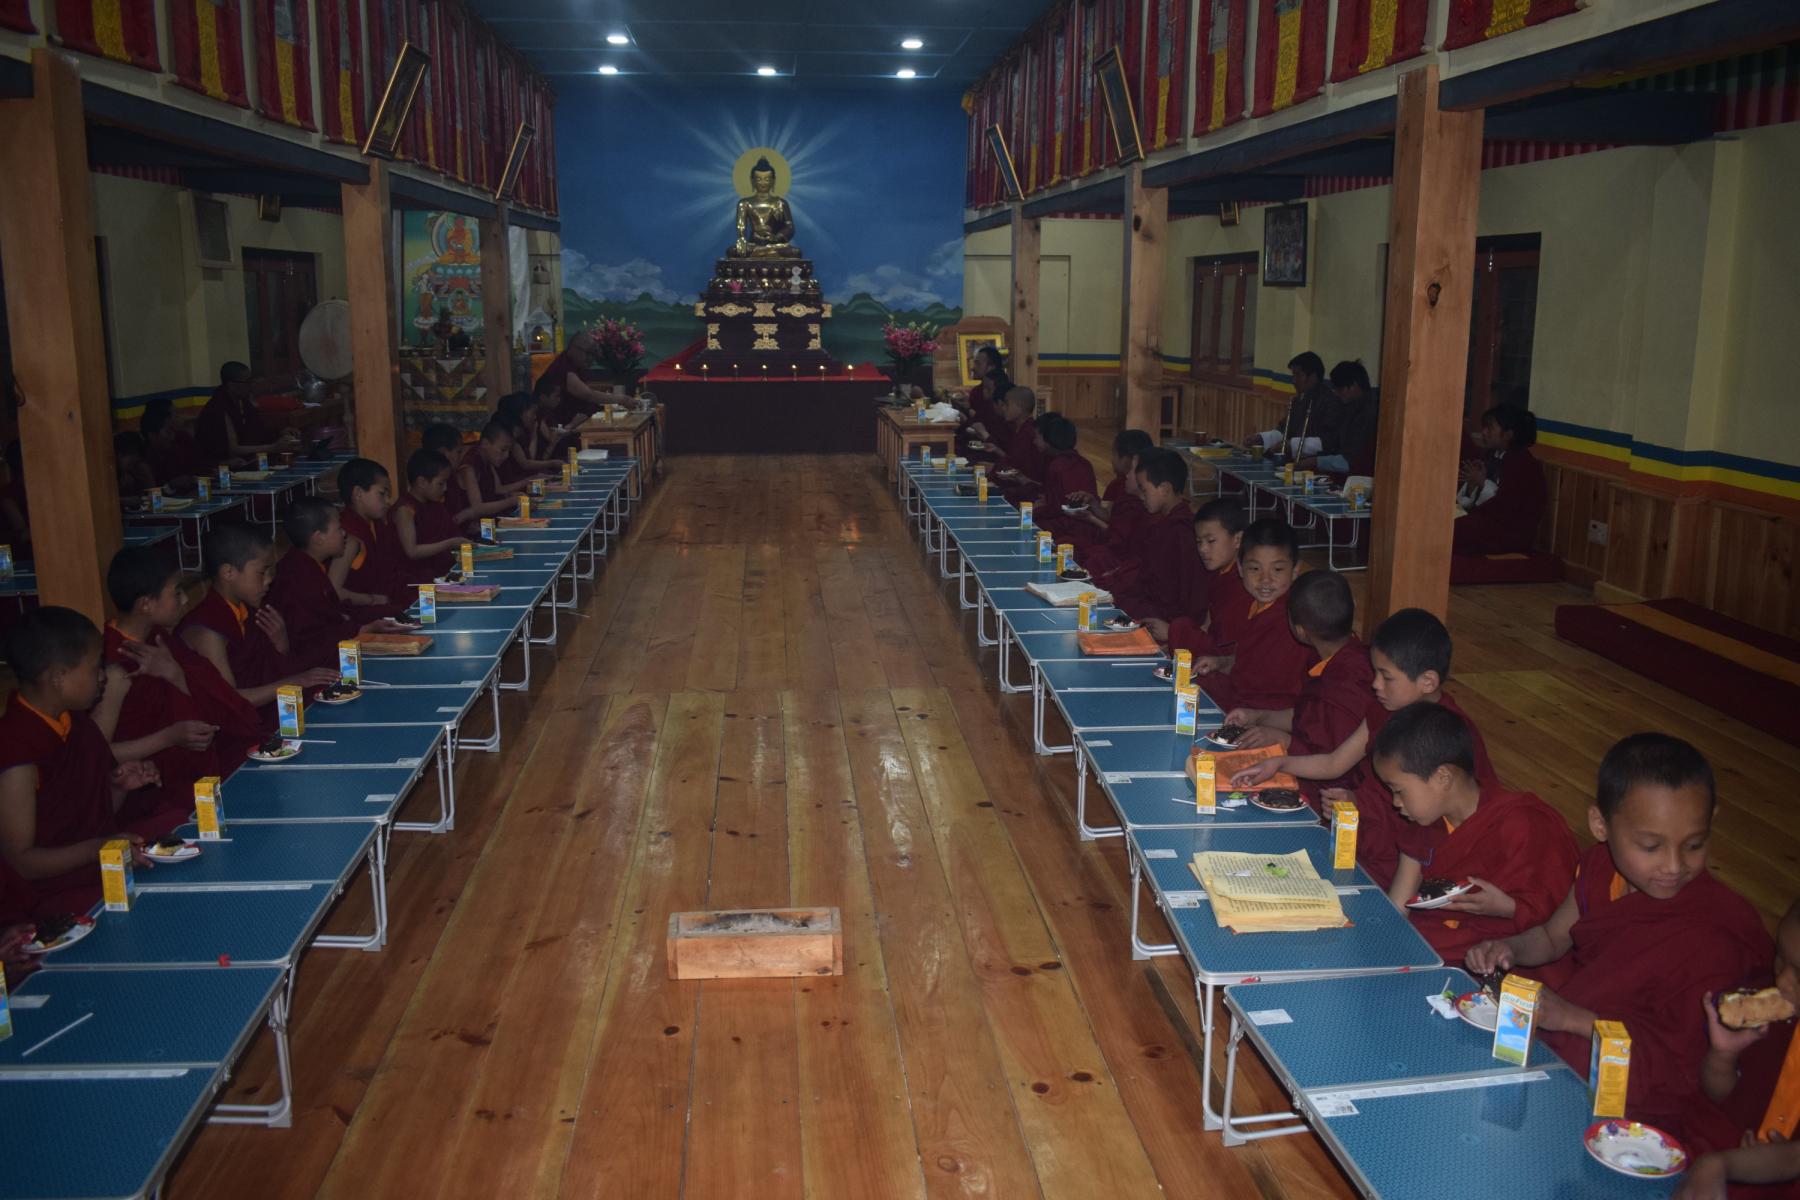 Buddha Statues_31